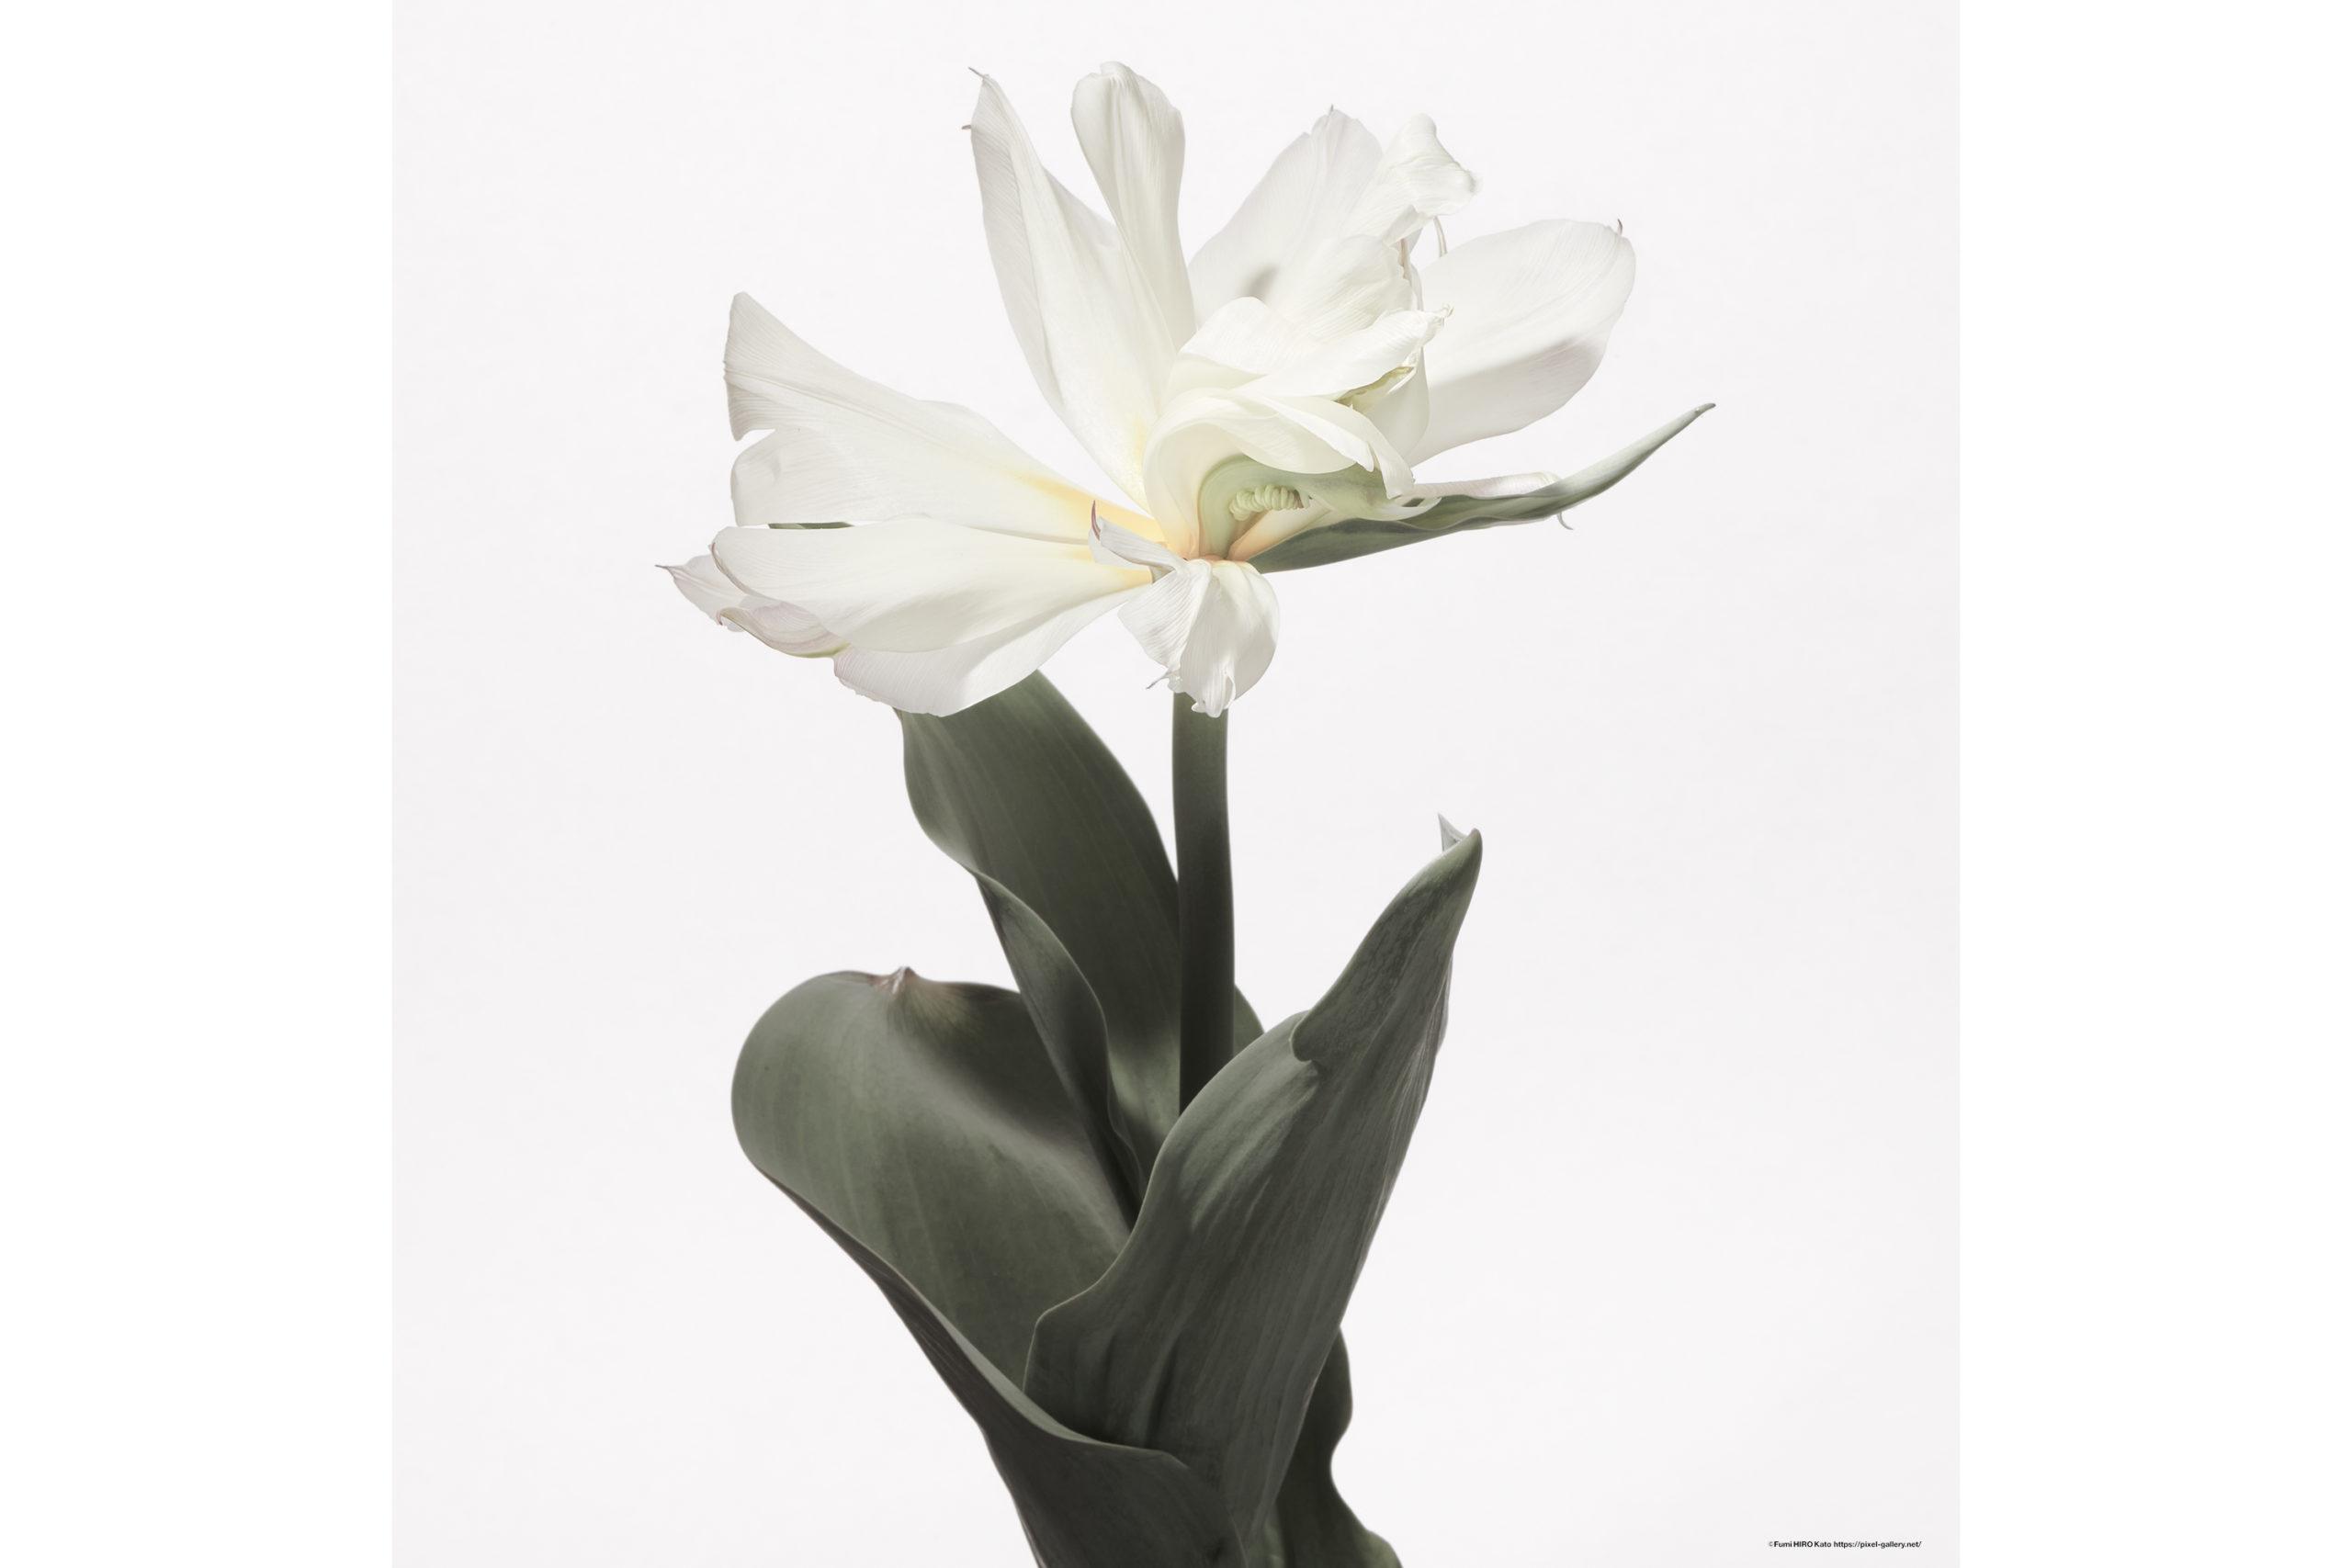 ハナ 2020-012 Tulip #3